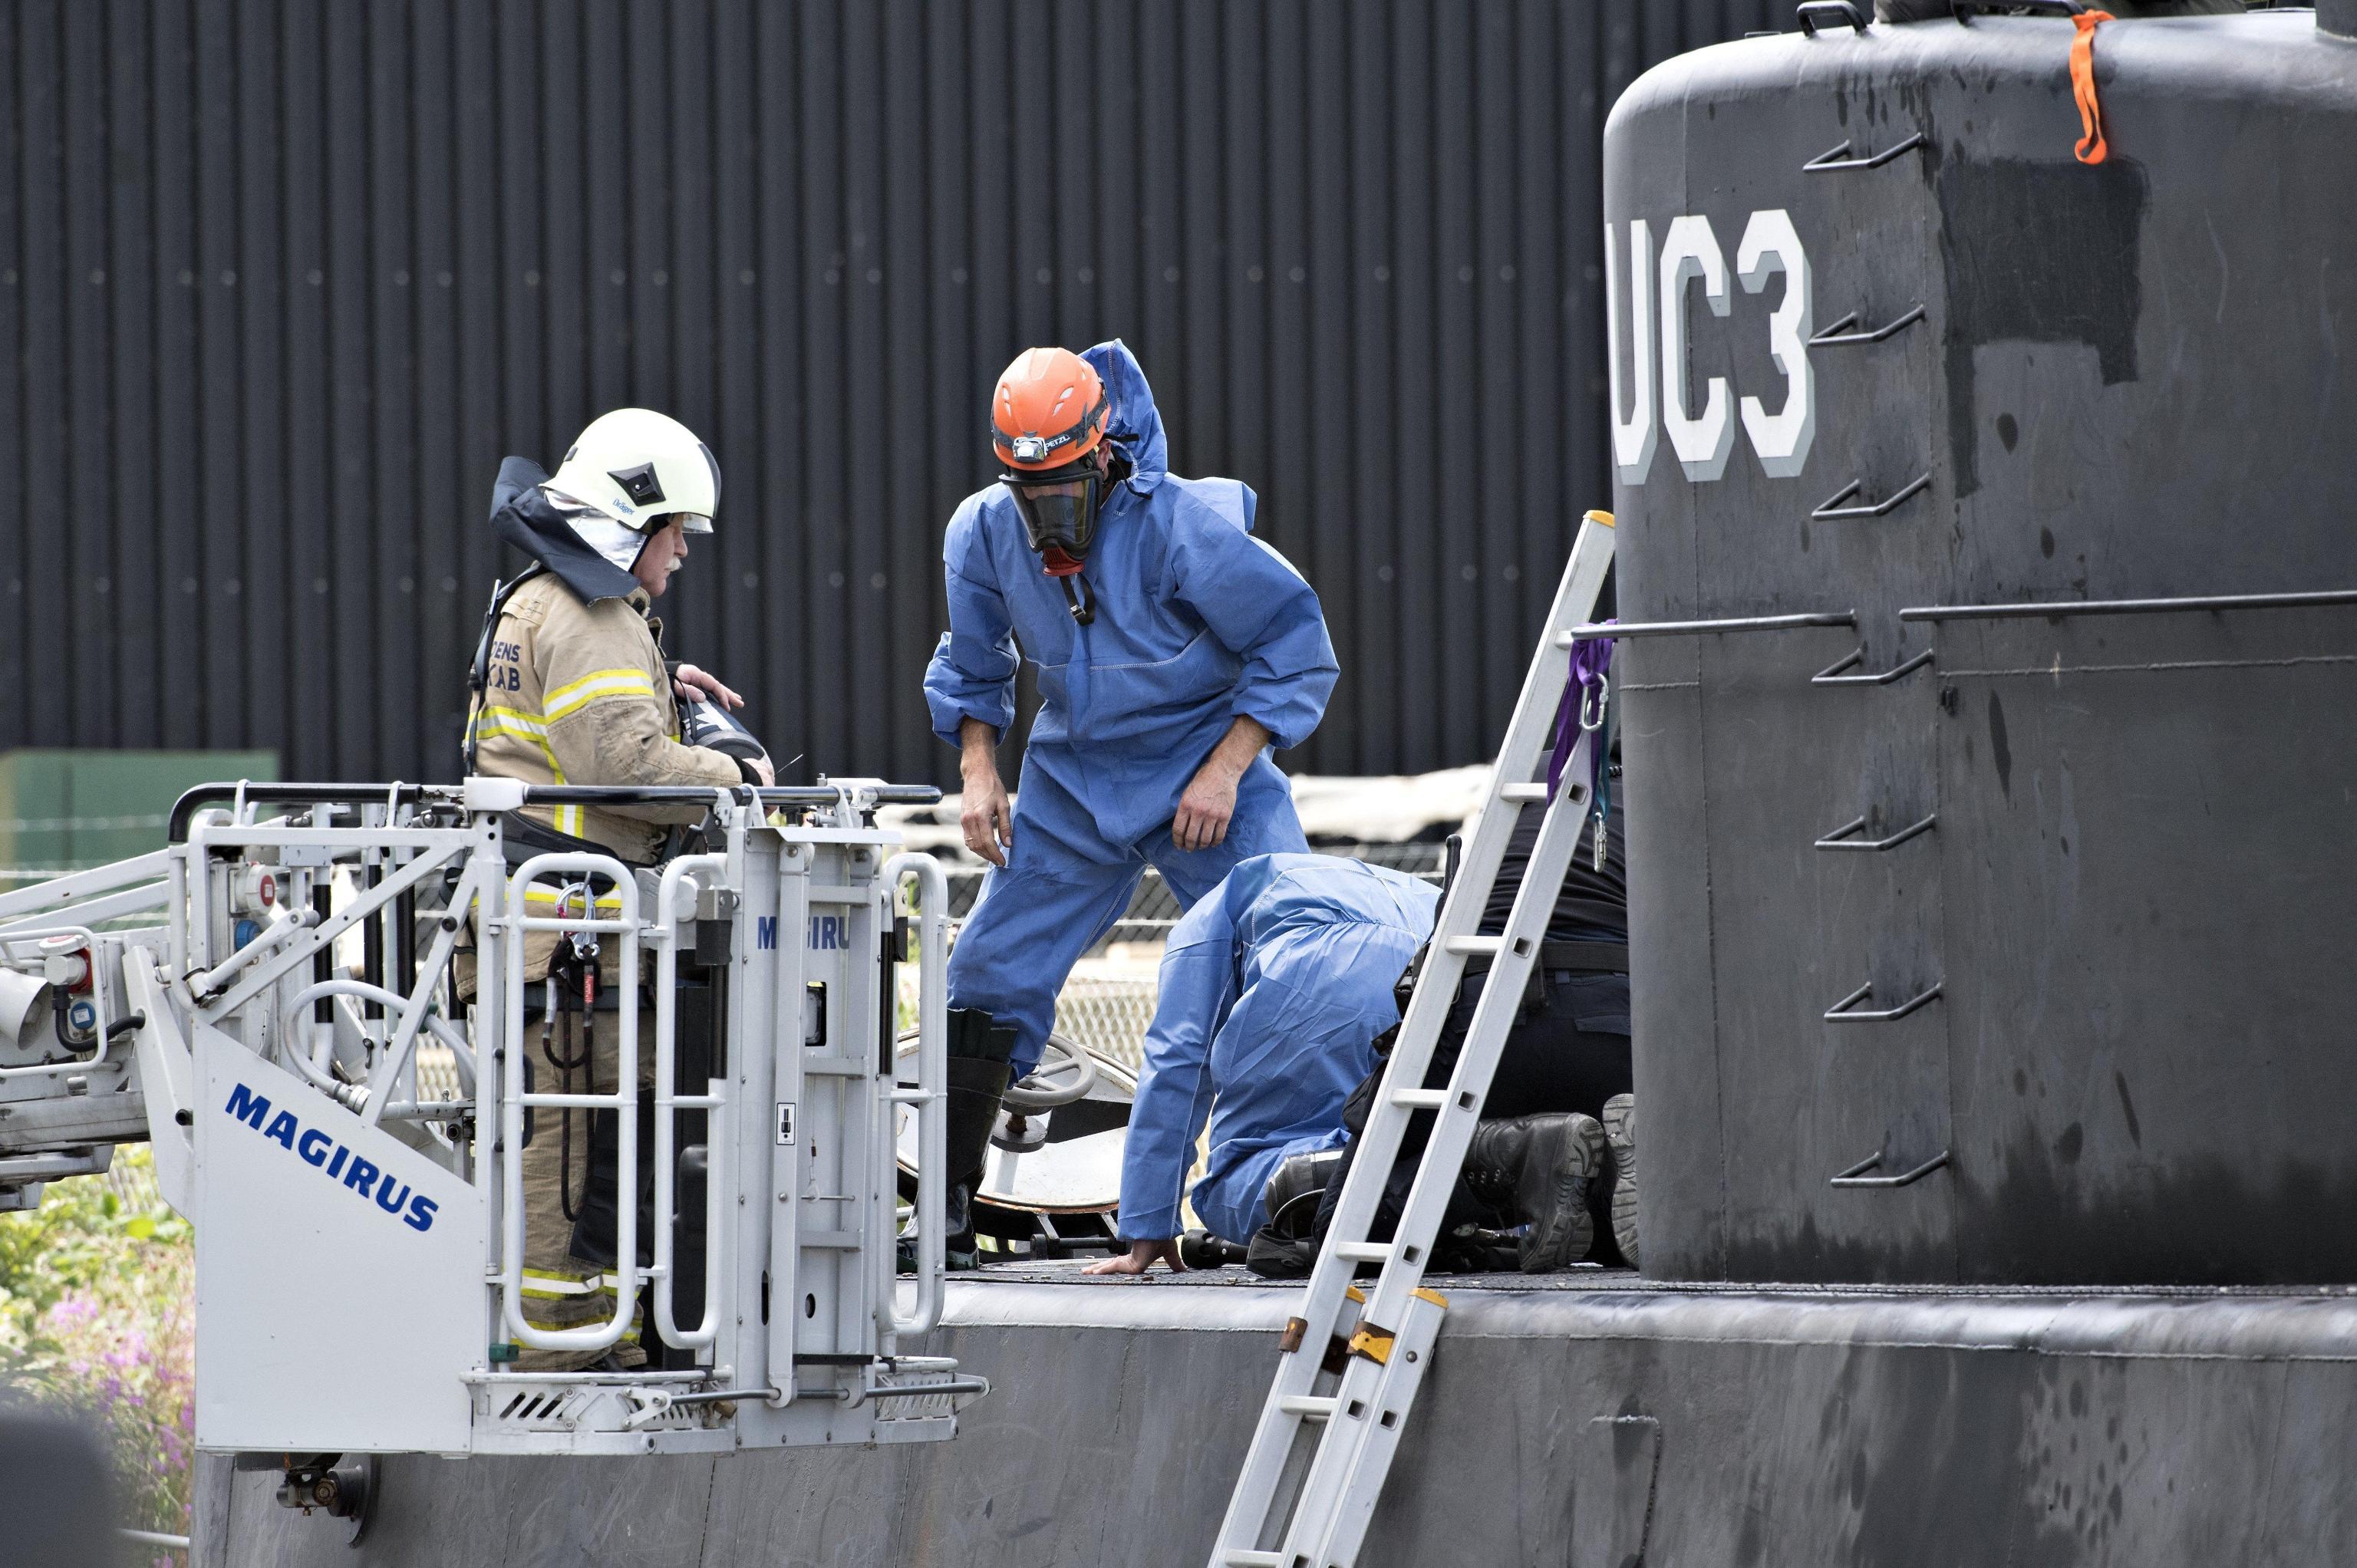 Danimarca, giornalista decapitata nel sottomarino: Peter Madsen ammette di averla fatta a pezzi